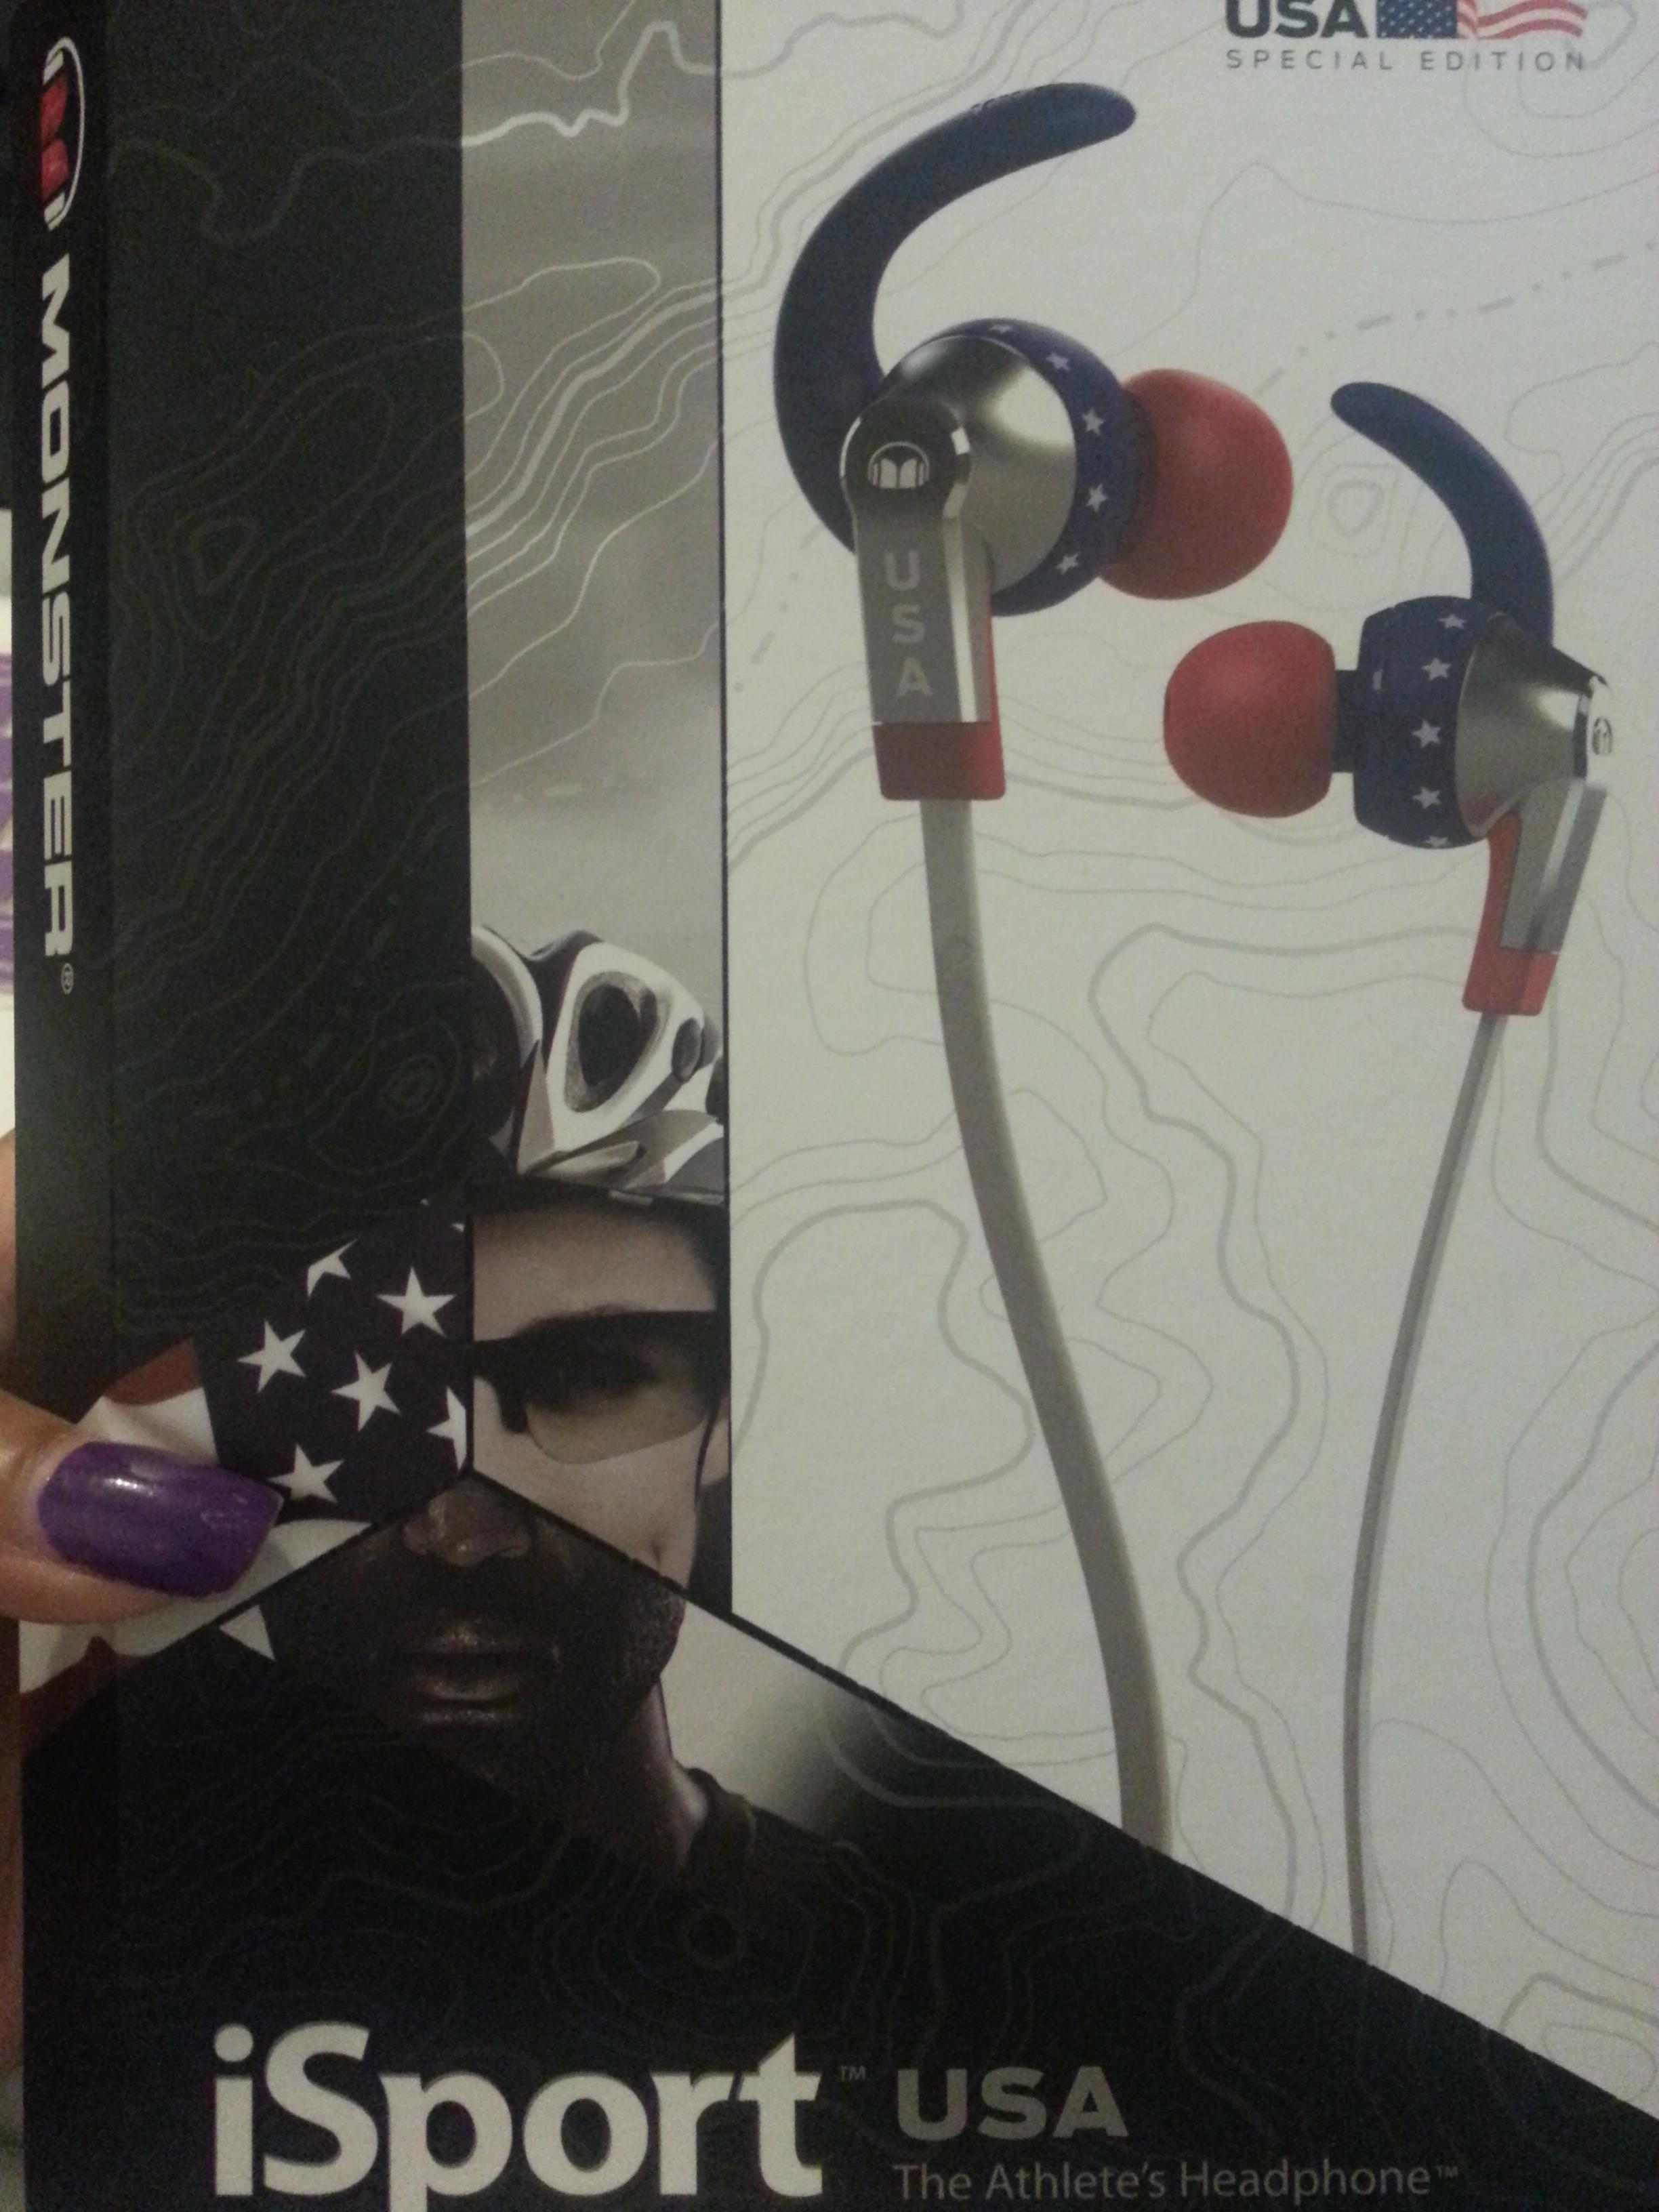 Monster iSport Headphones Review